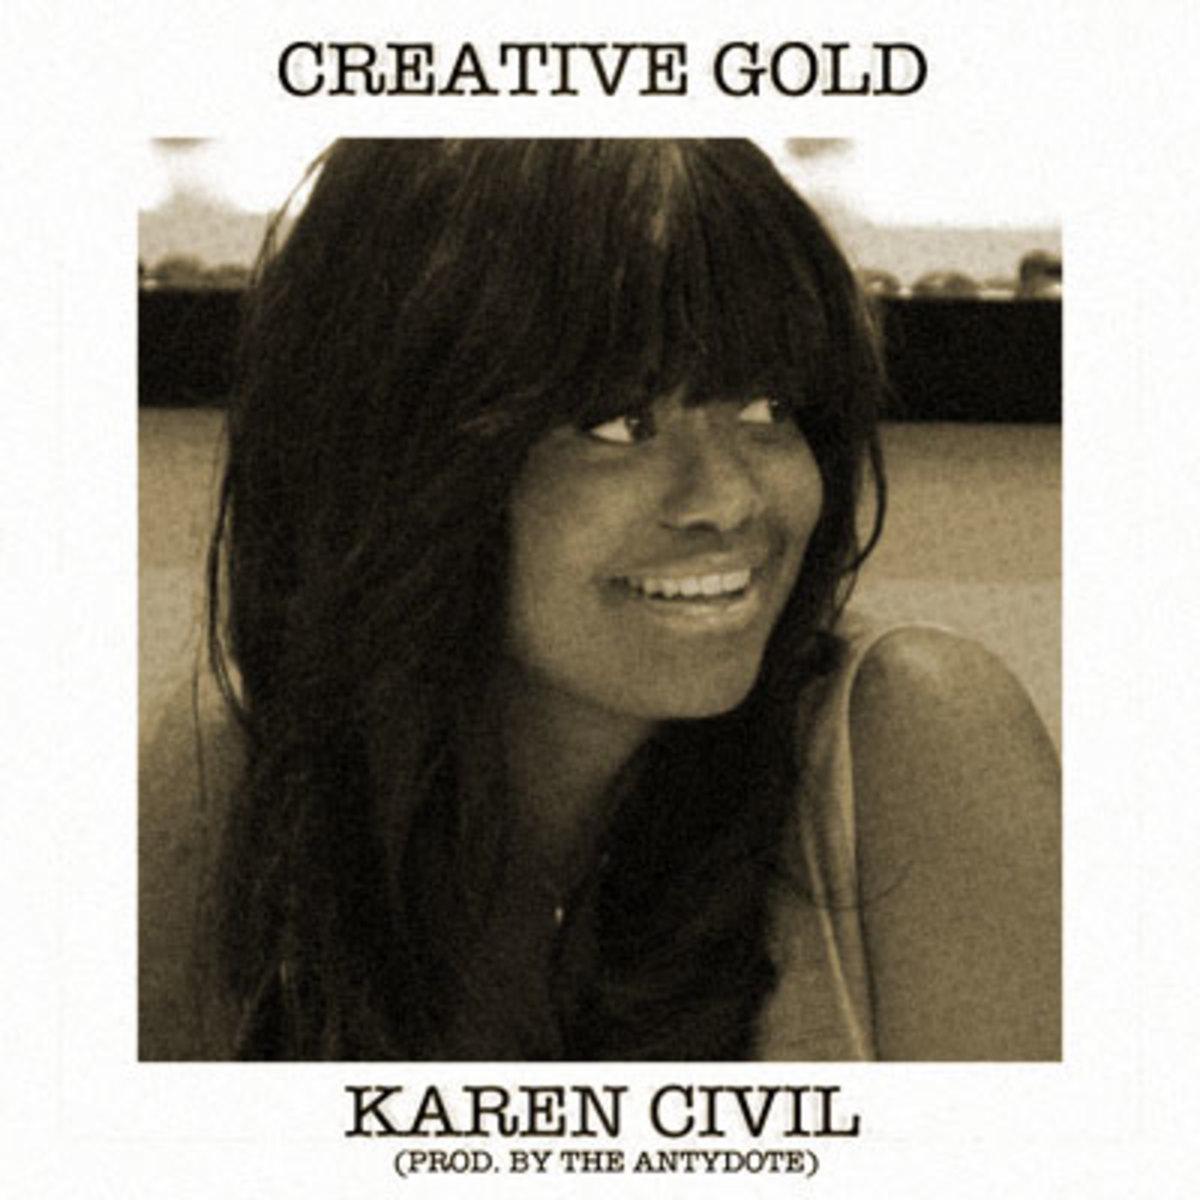 creativegold-karencivil.jpg